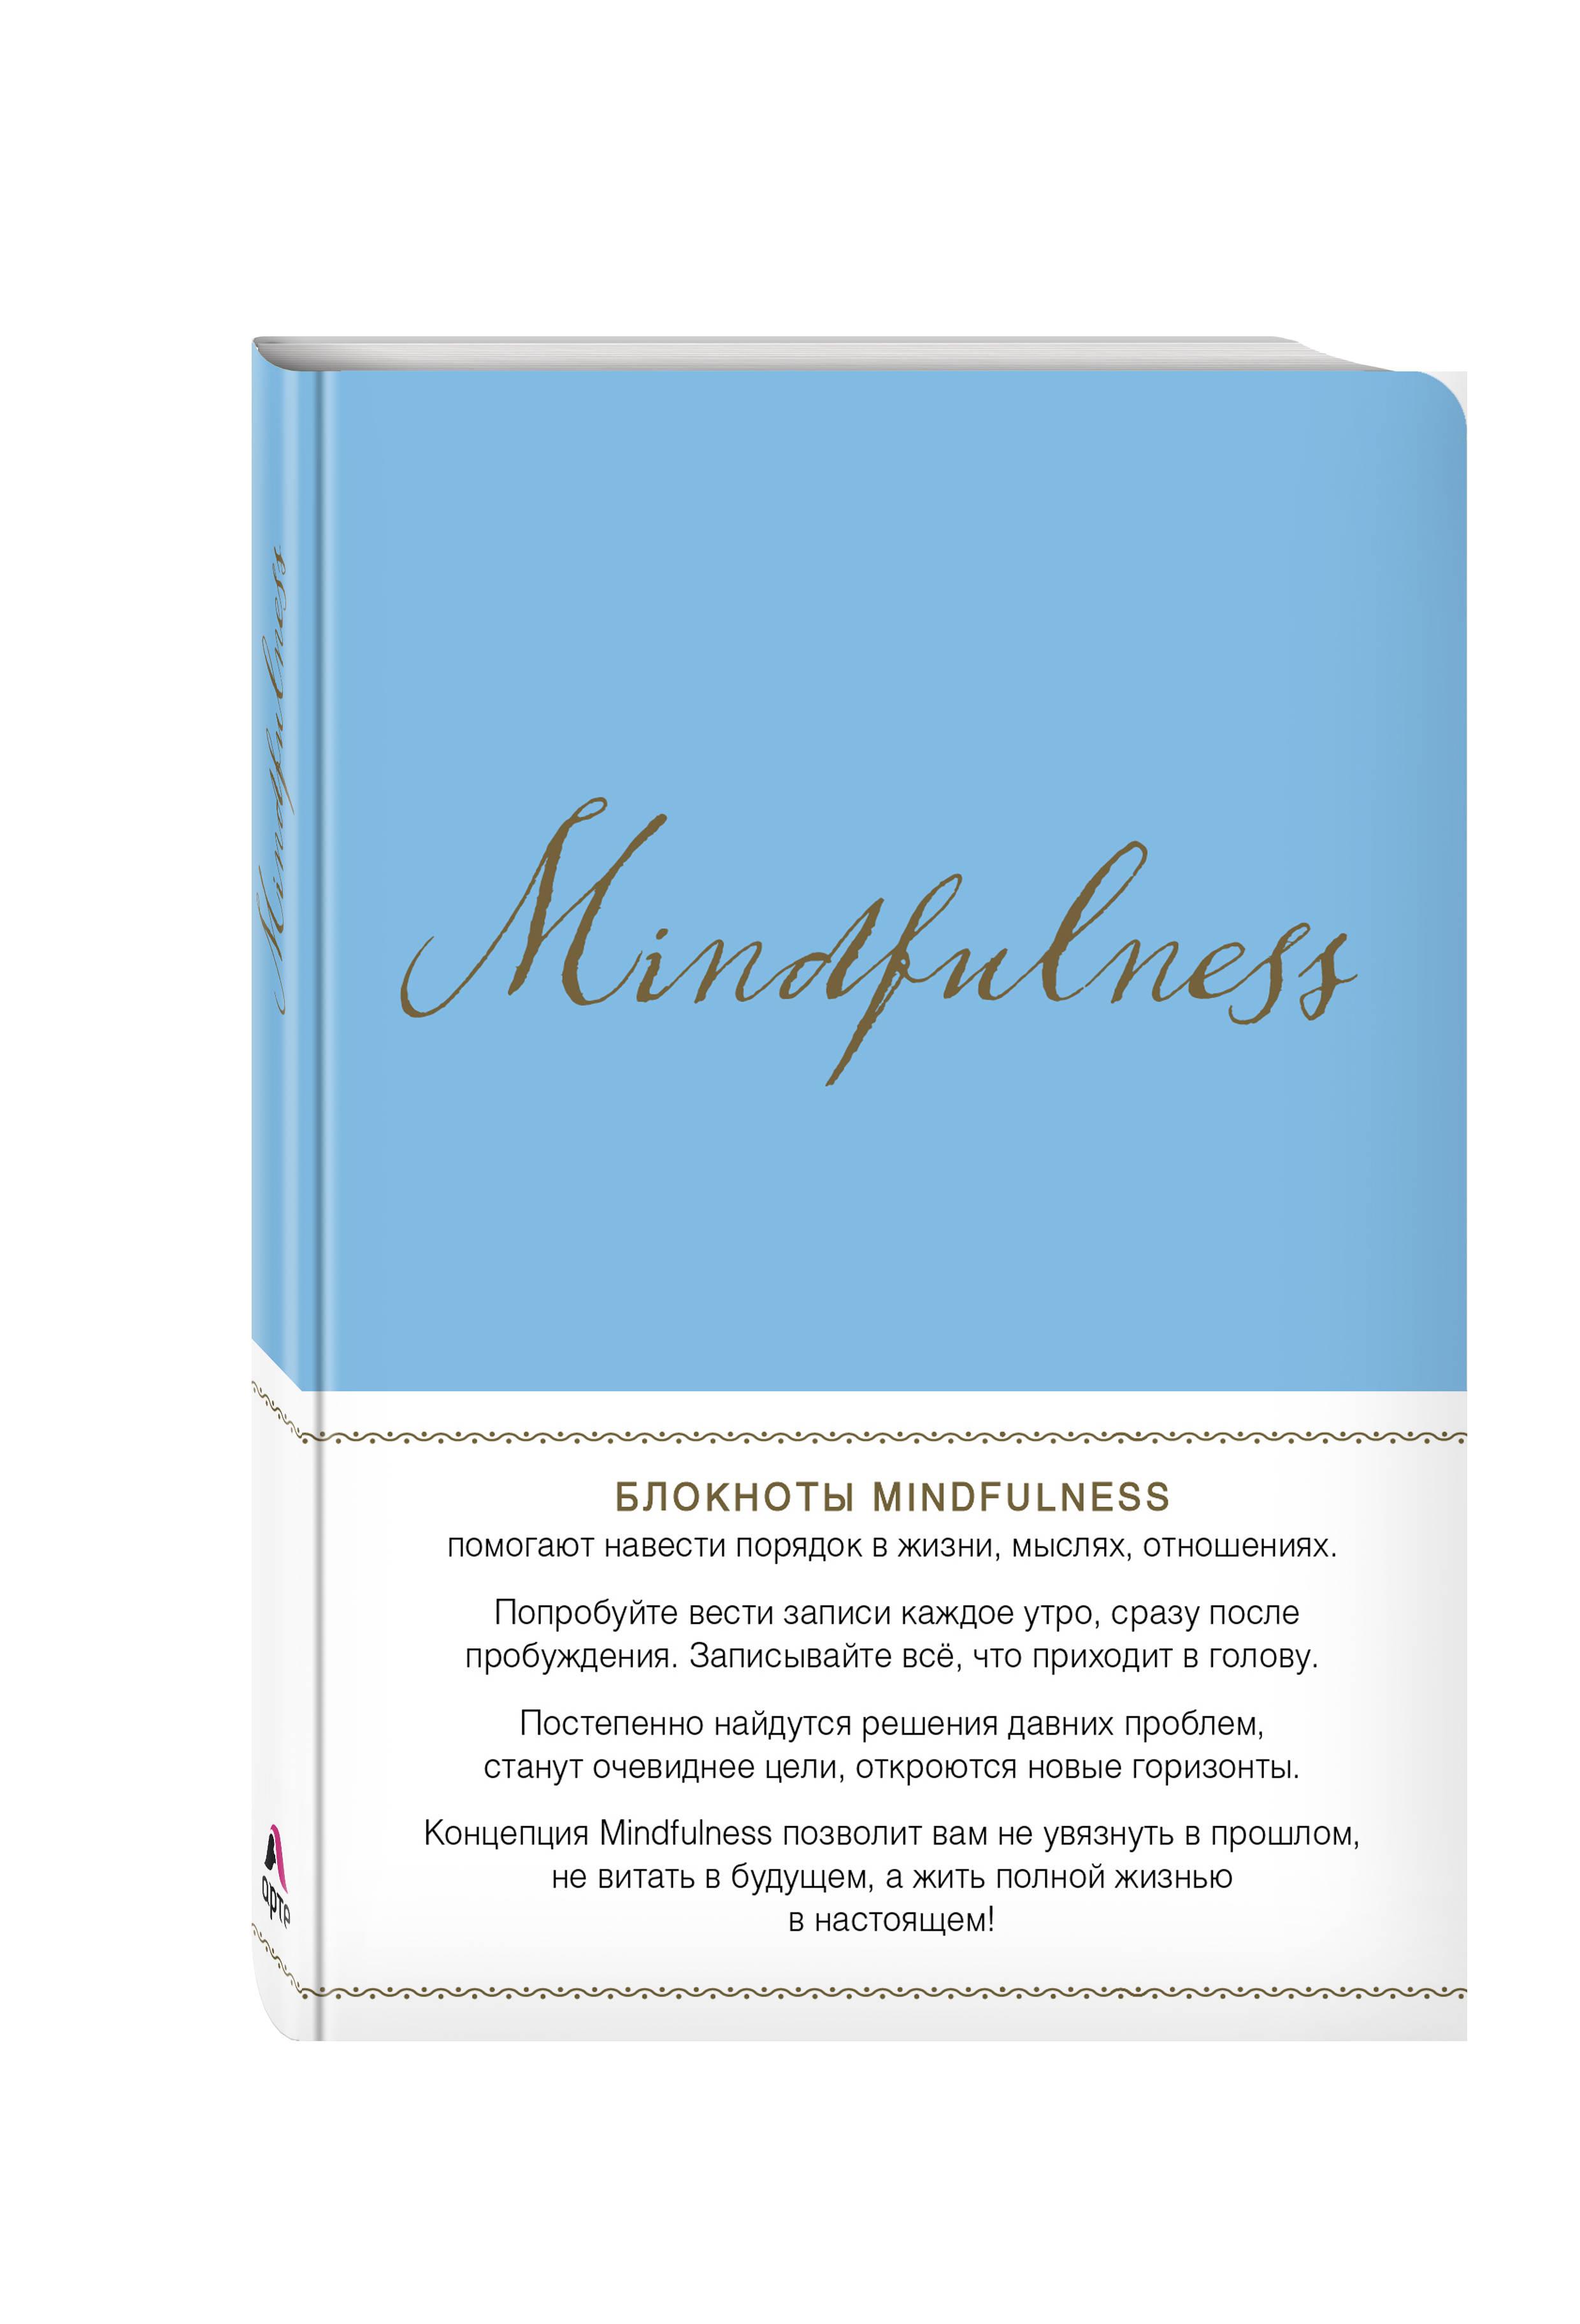 Mindfulness. Утренние страницы (васильковый) (скругленные углы) (Арте) mind ulness утренние страницы лимон скругленные углы